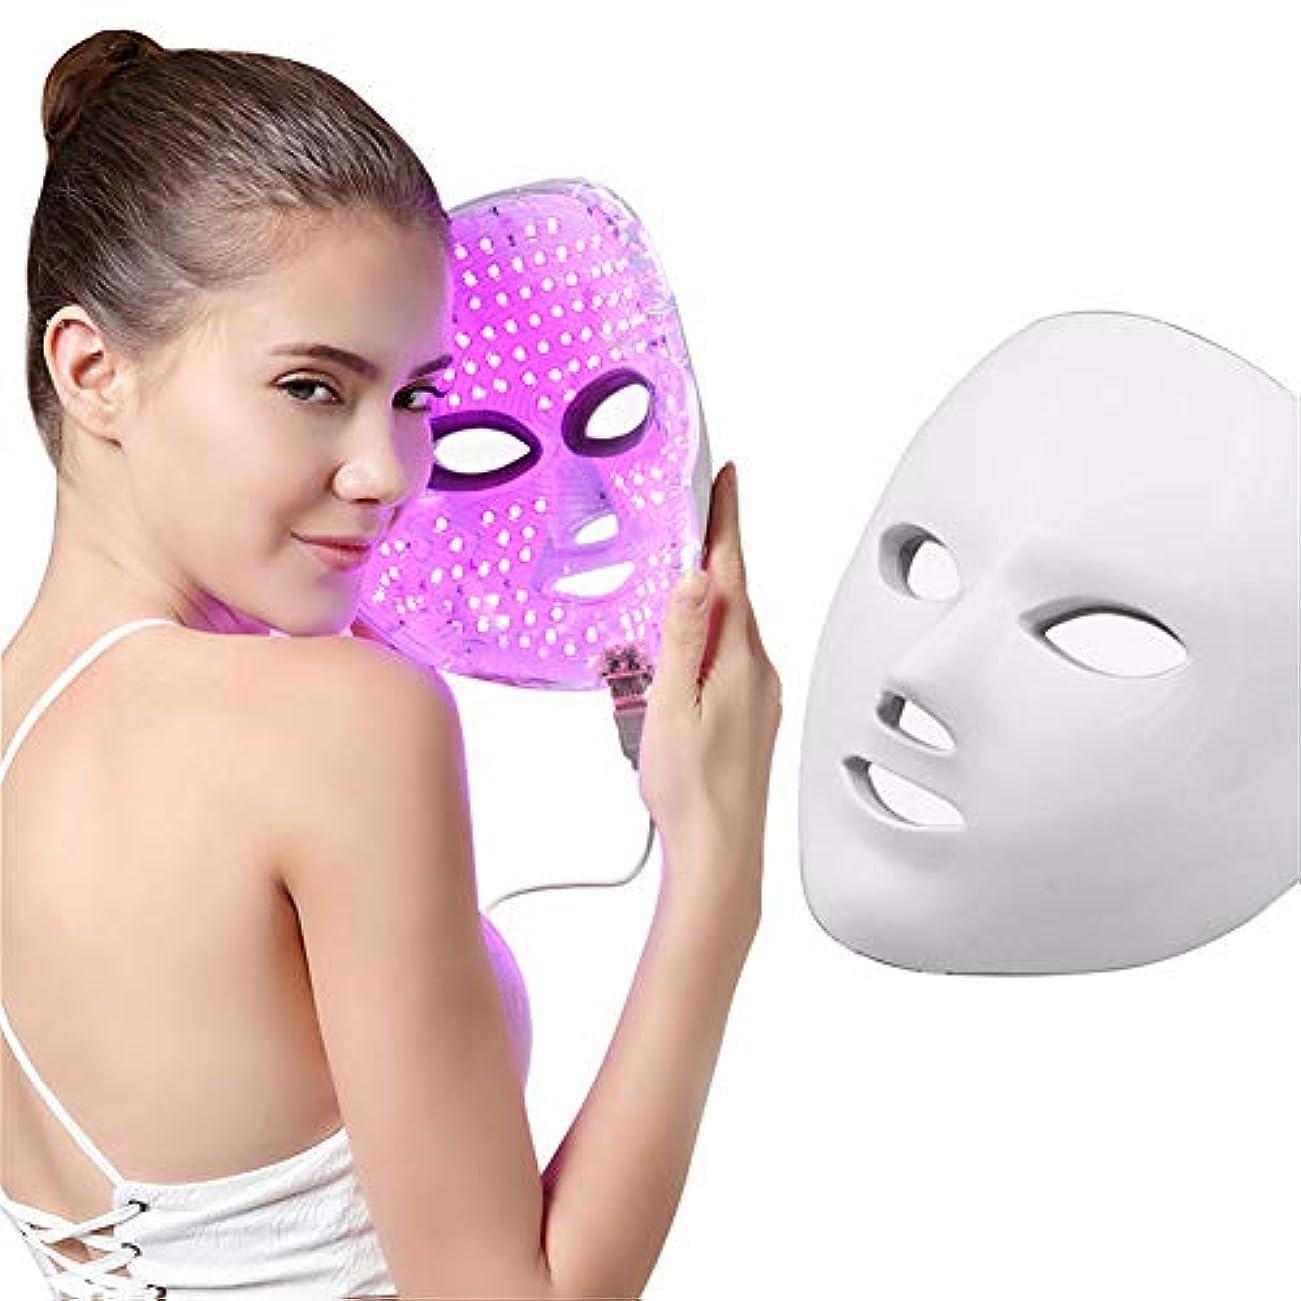 見る人ステレオ大騒ぎ7色ledマスク若返りにきび除去しわライト美容マスクled光線療法マッサージフェイシャルケア機付きリモコン